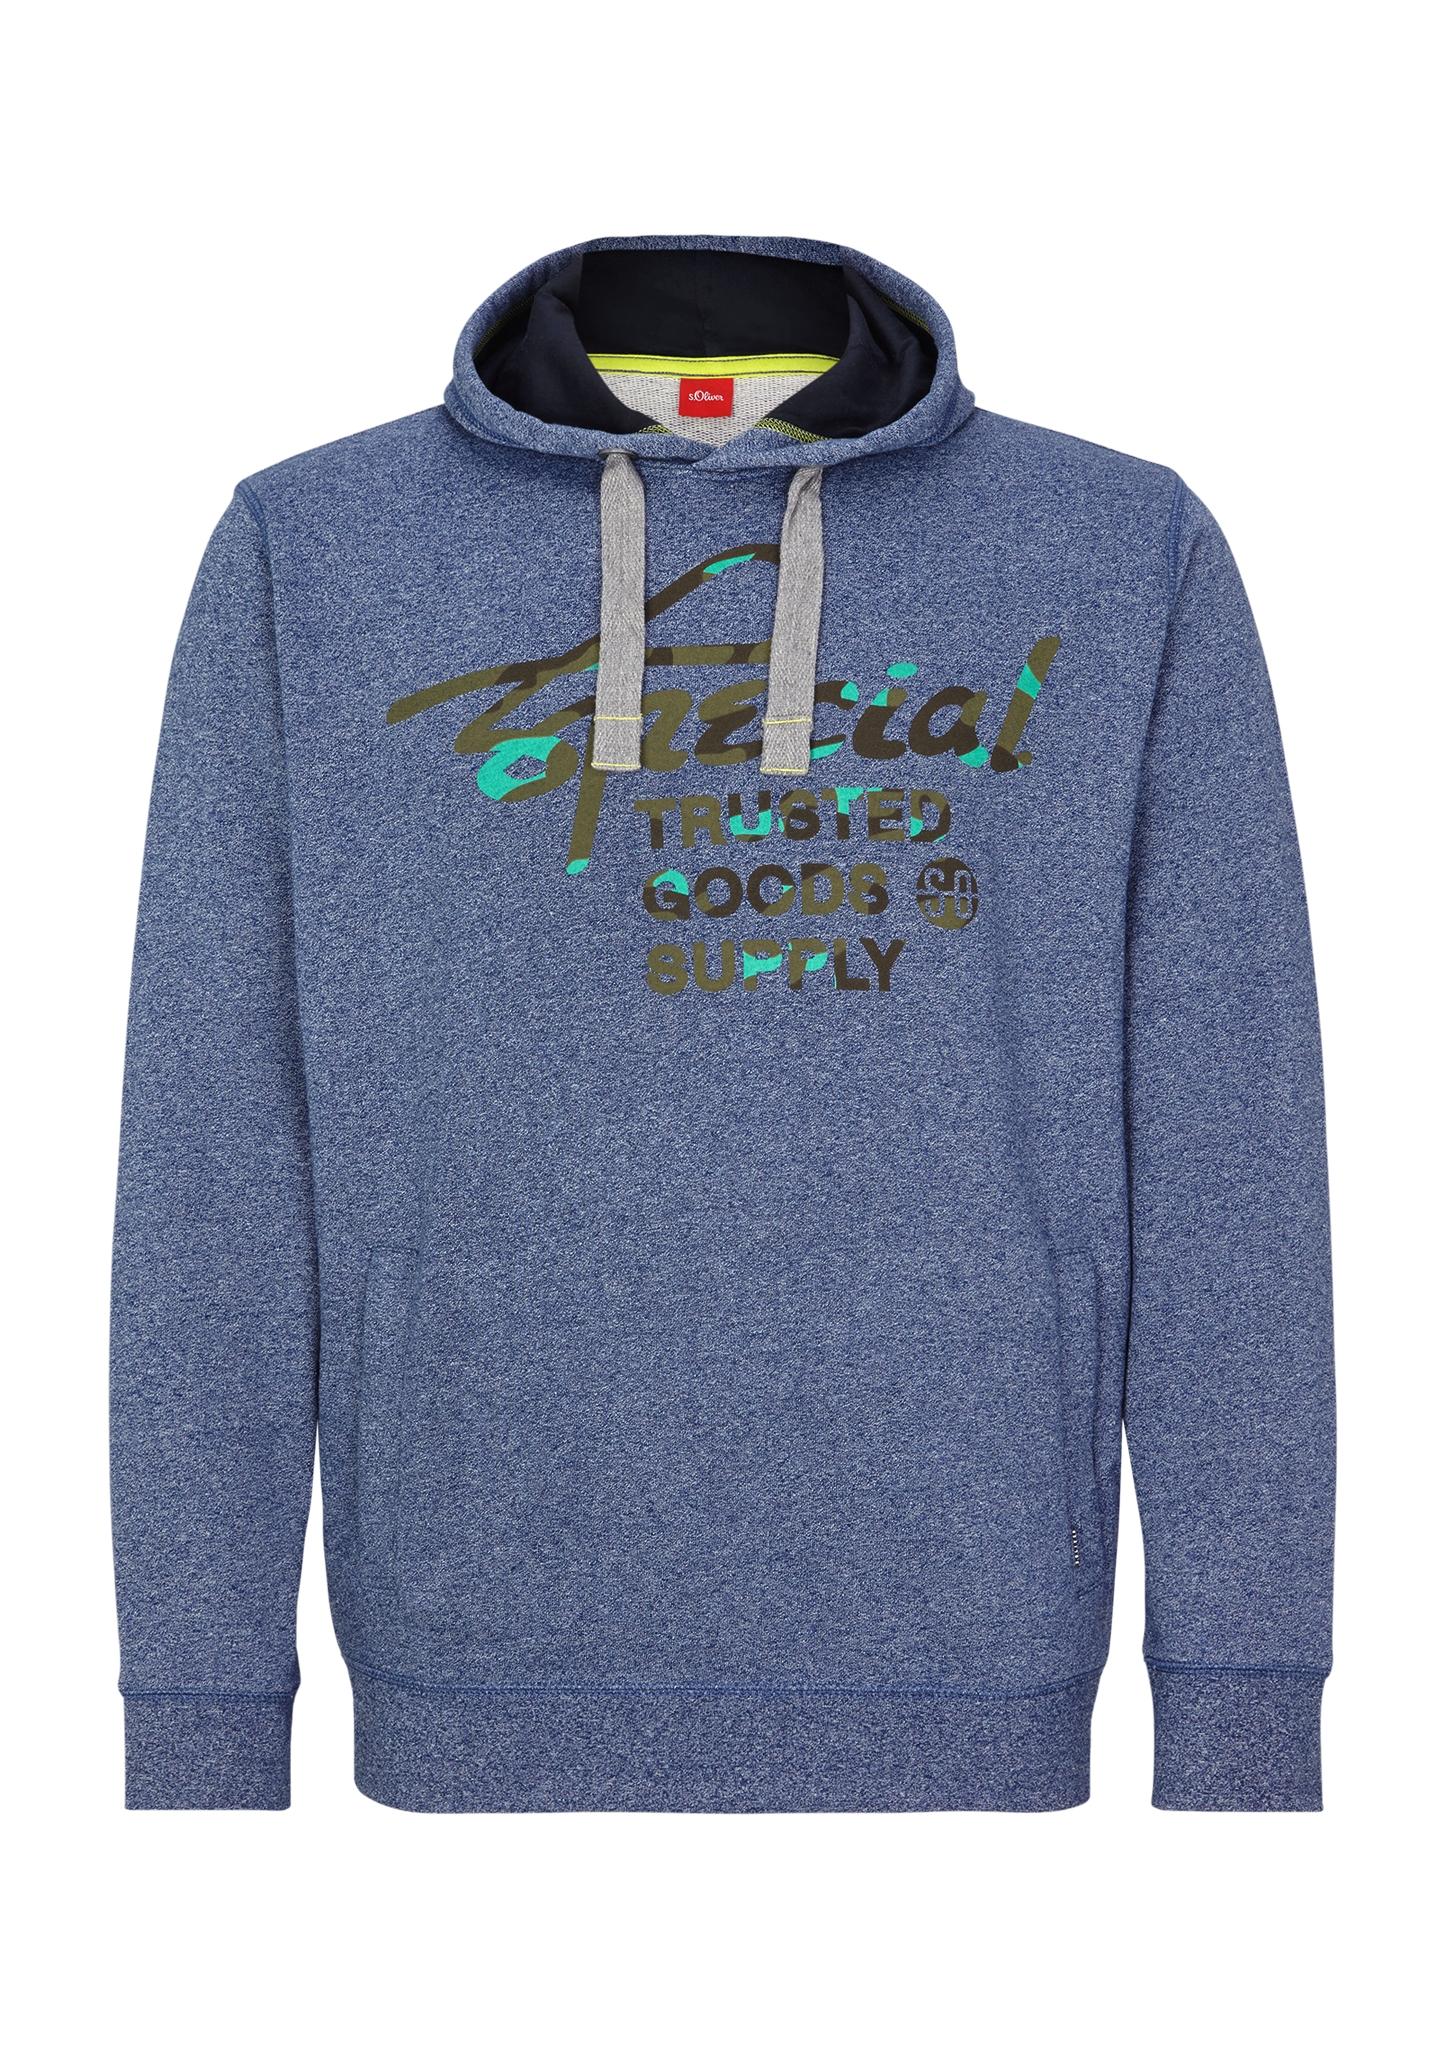 blau-70-baumwolle Sweatshirts für Herren online kaufen